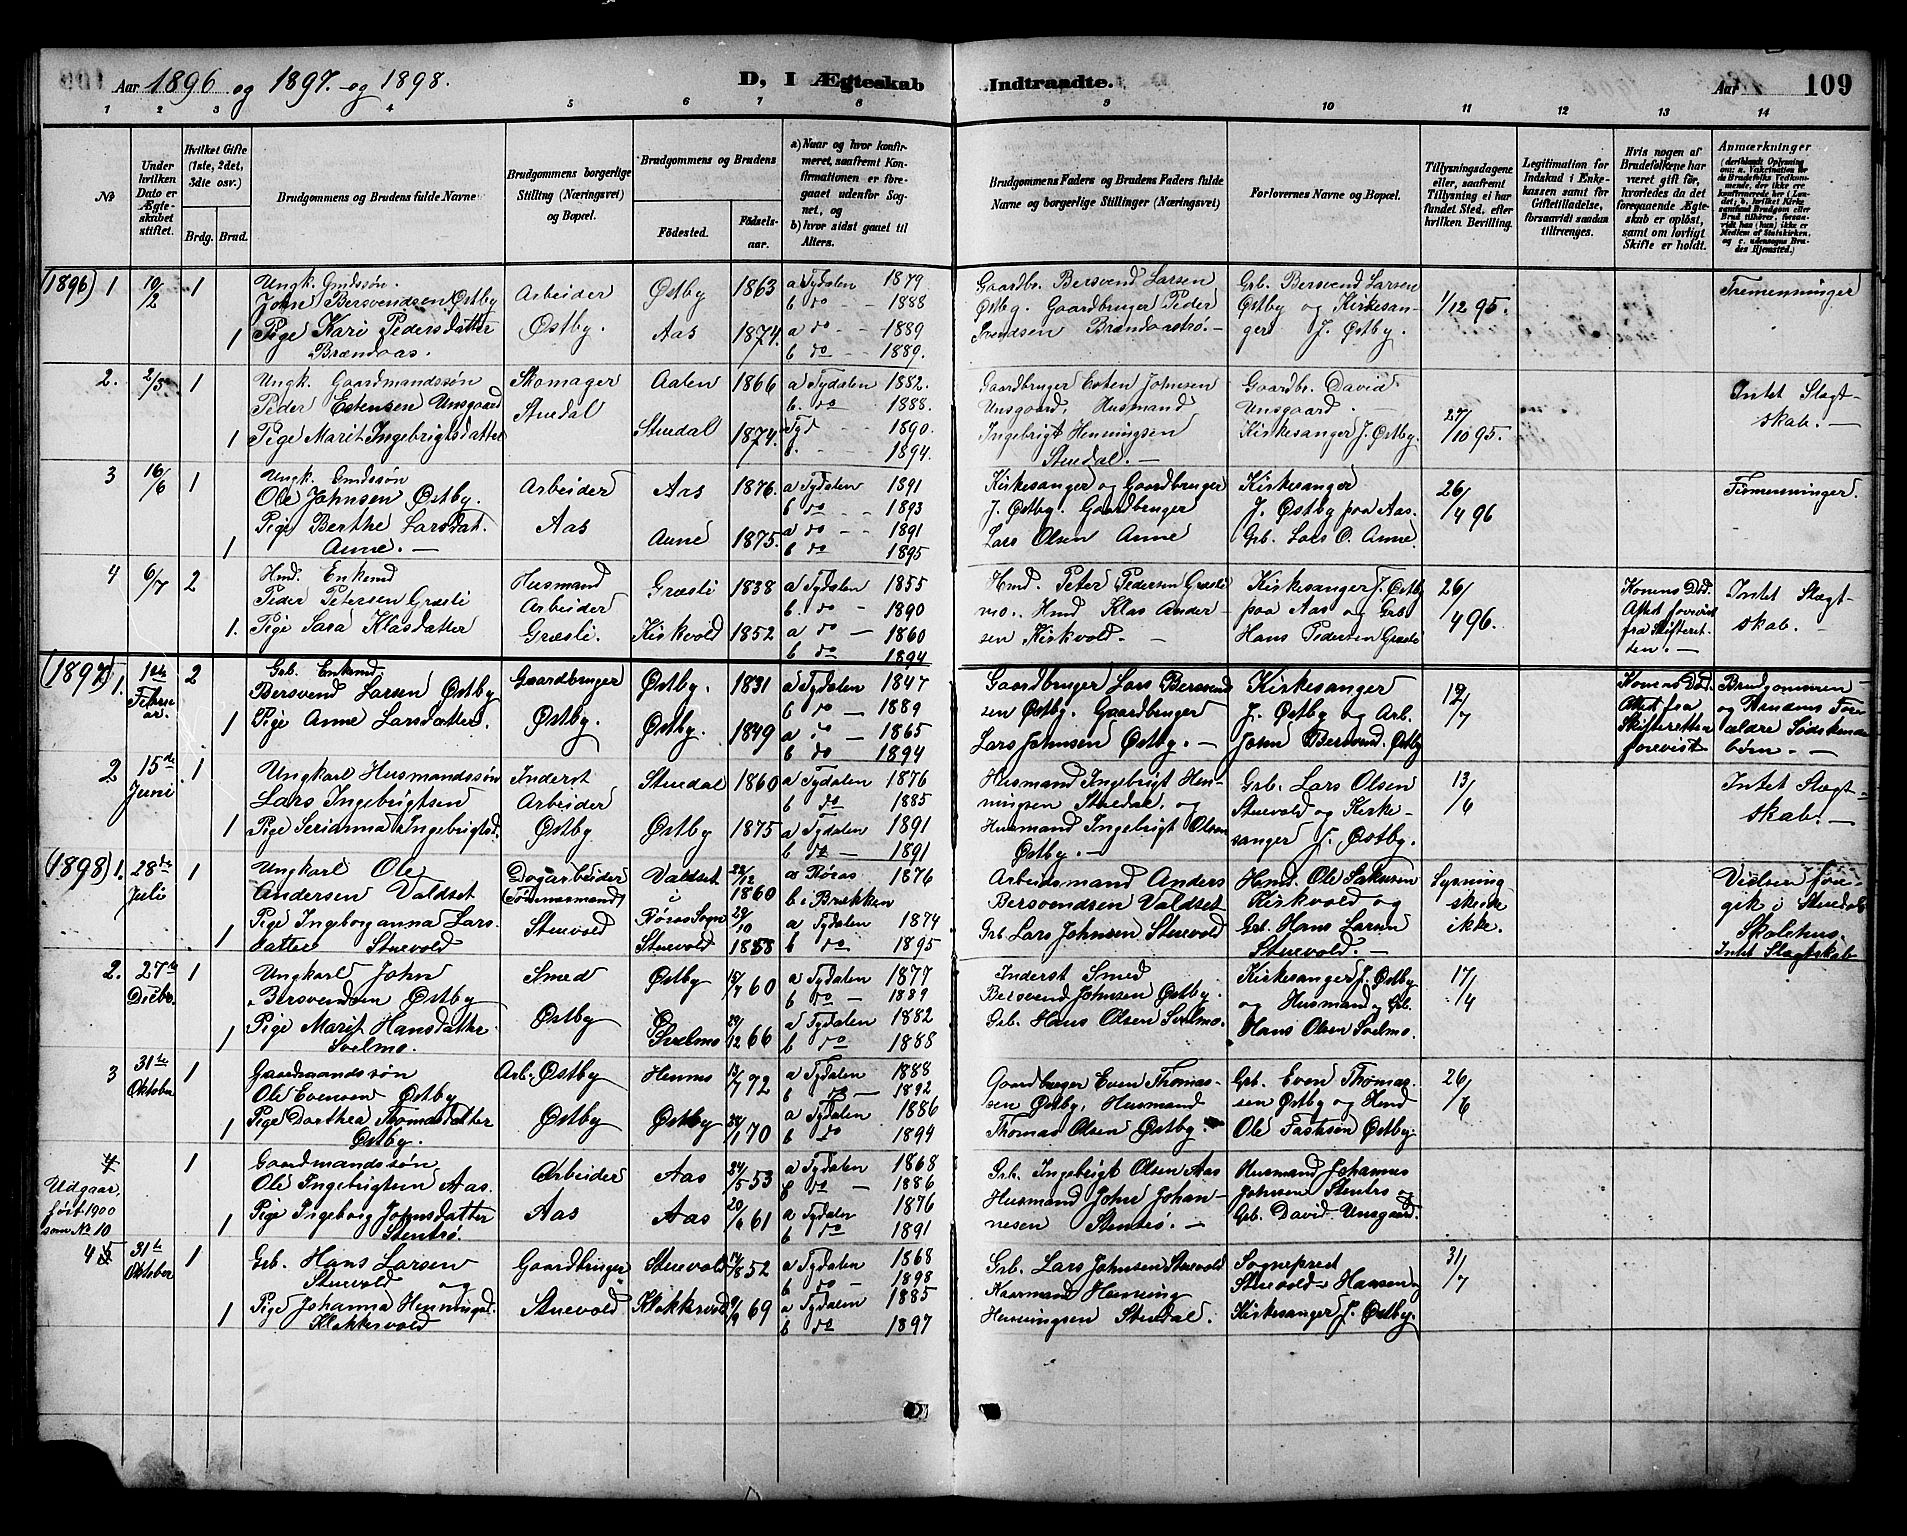 SAT, Ministerialprotokoller, klokkerbøker og fødselsregistre - Sør-Trøndelag, 698/L1167: Klokkerbok nr. 698C04, 1888-1907, s. 109